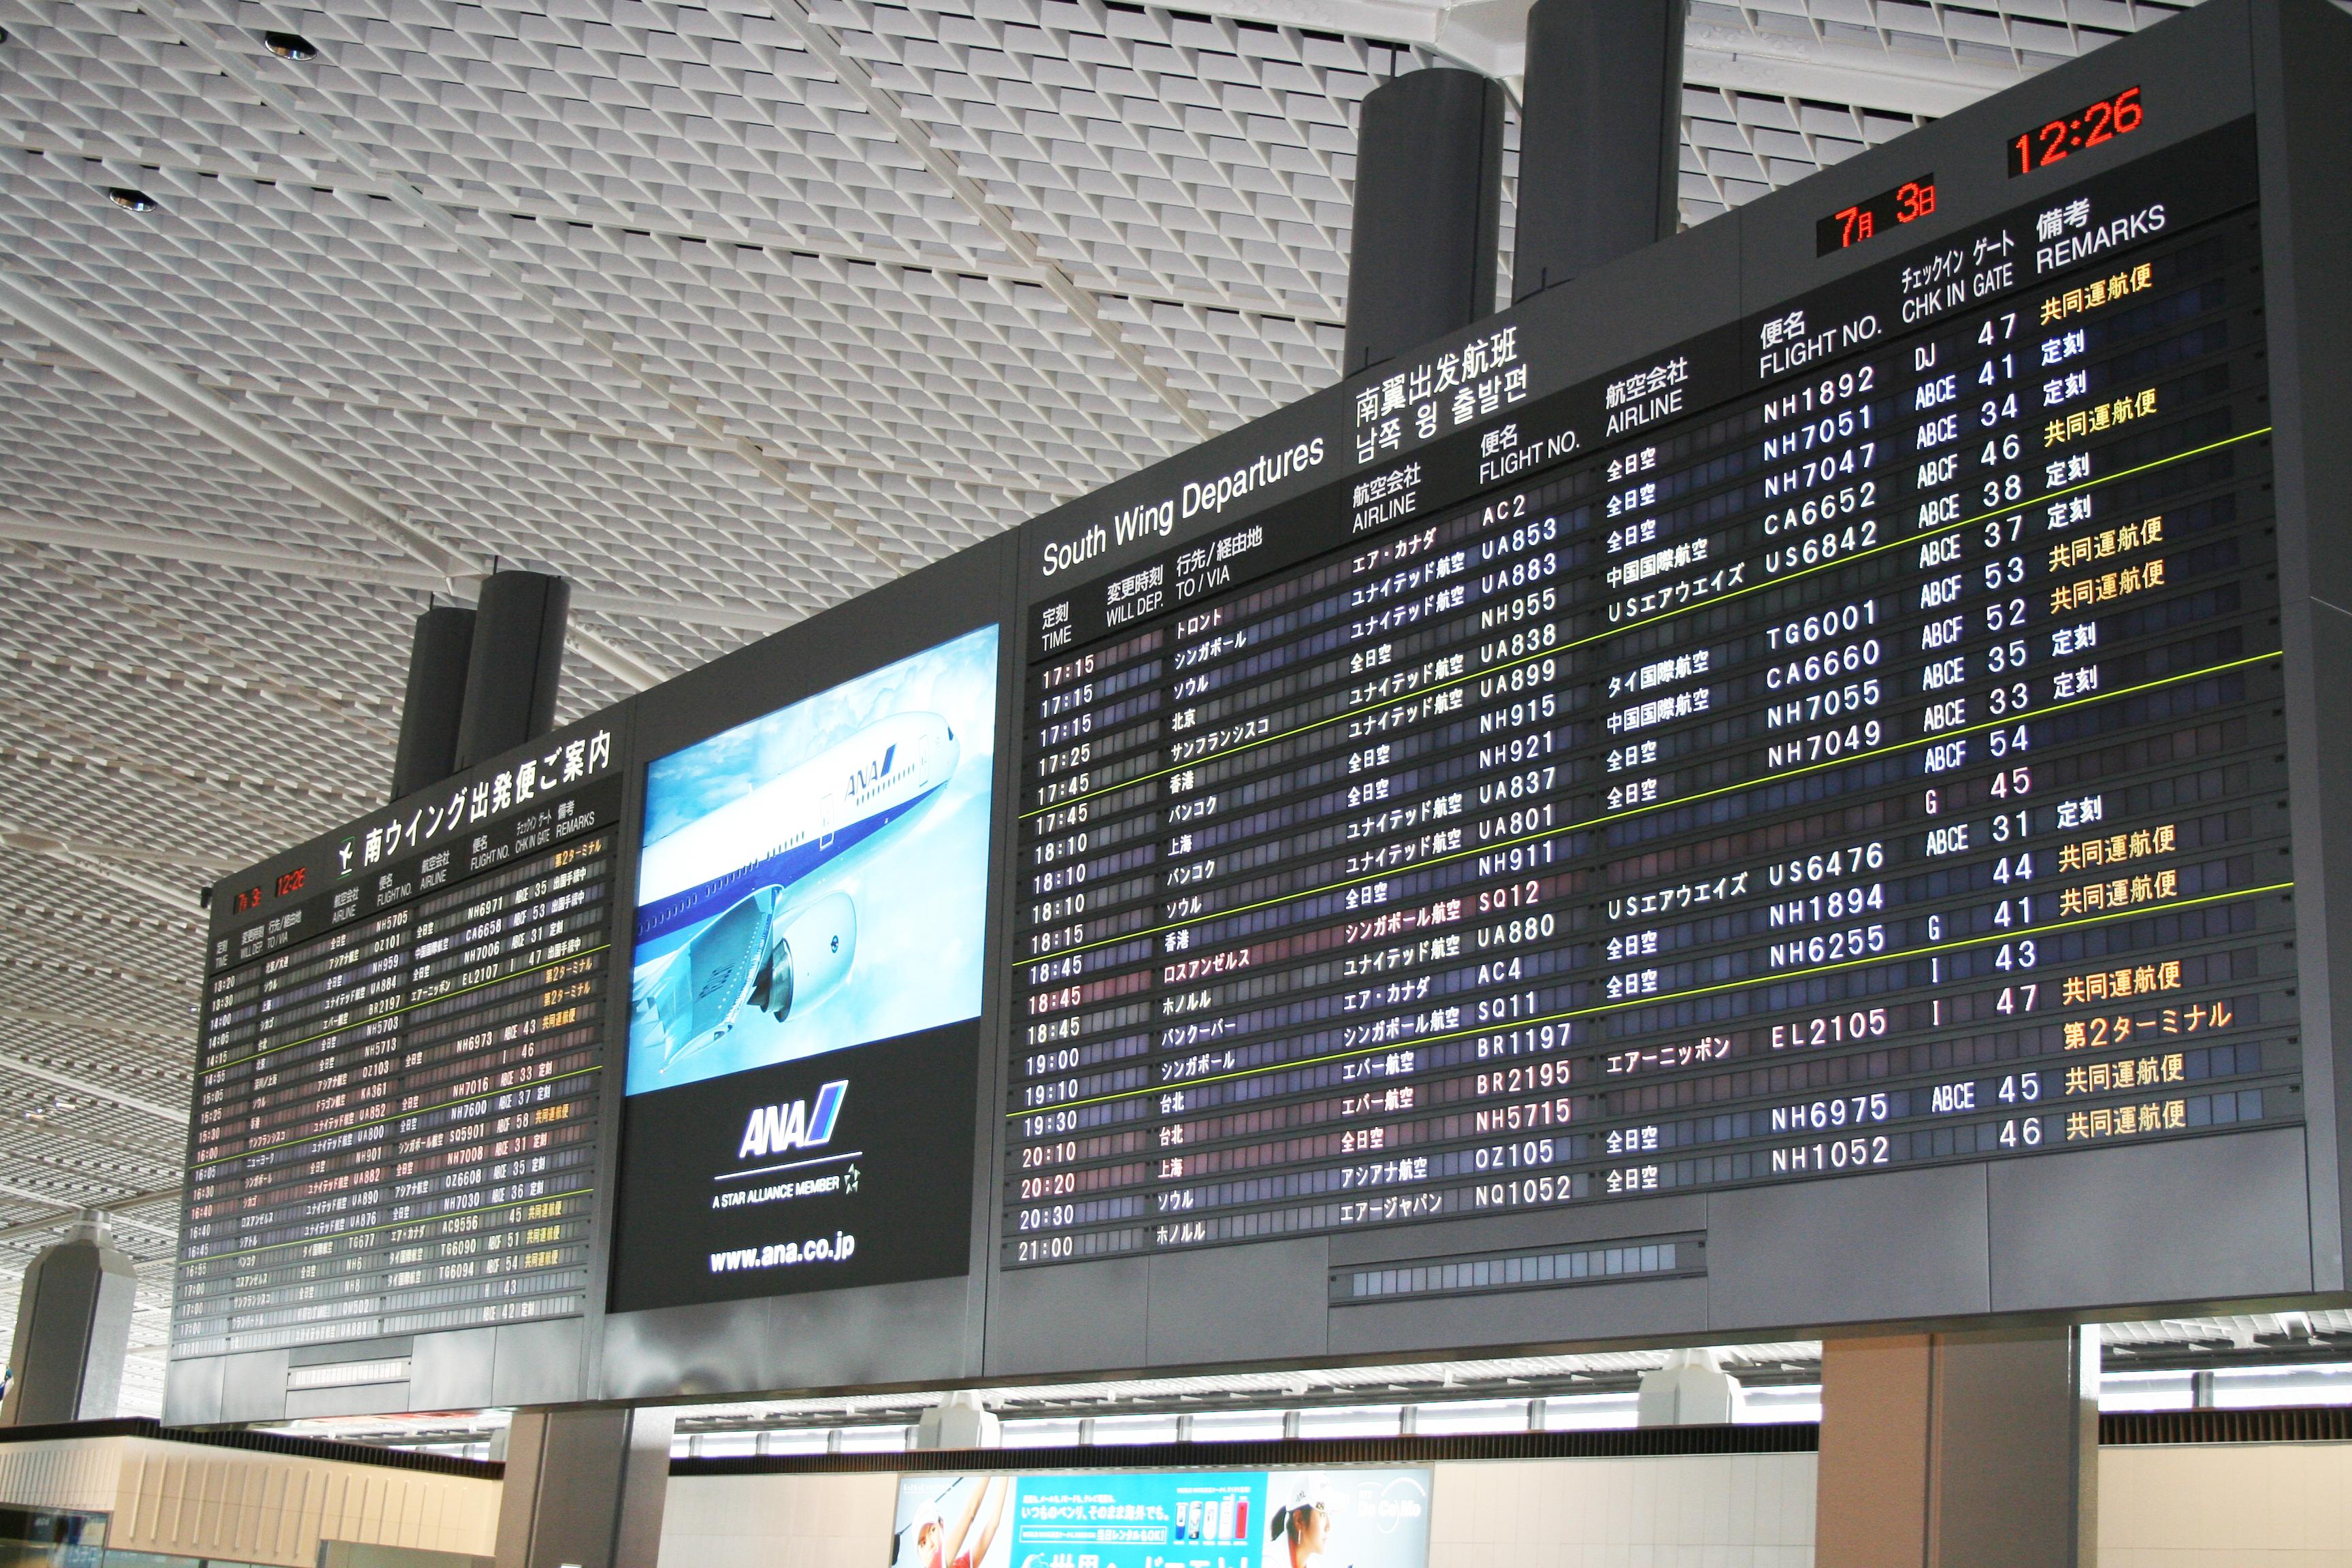 エアライン-空港の暗号2レター・3レター